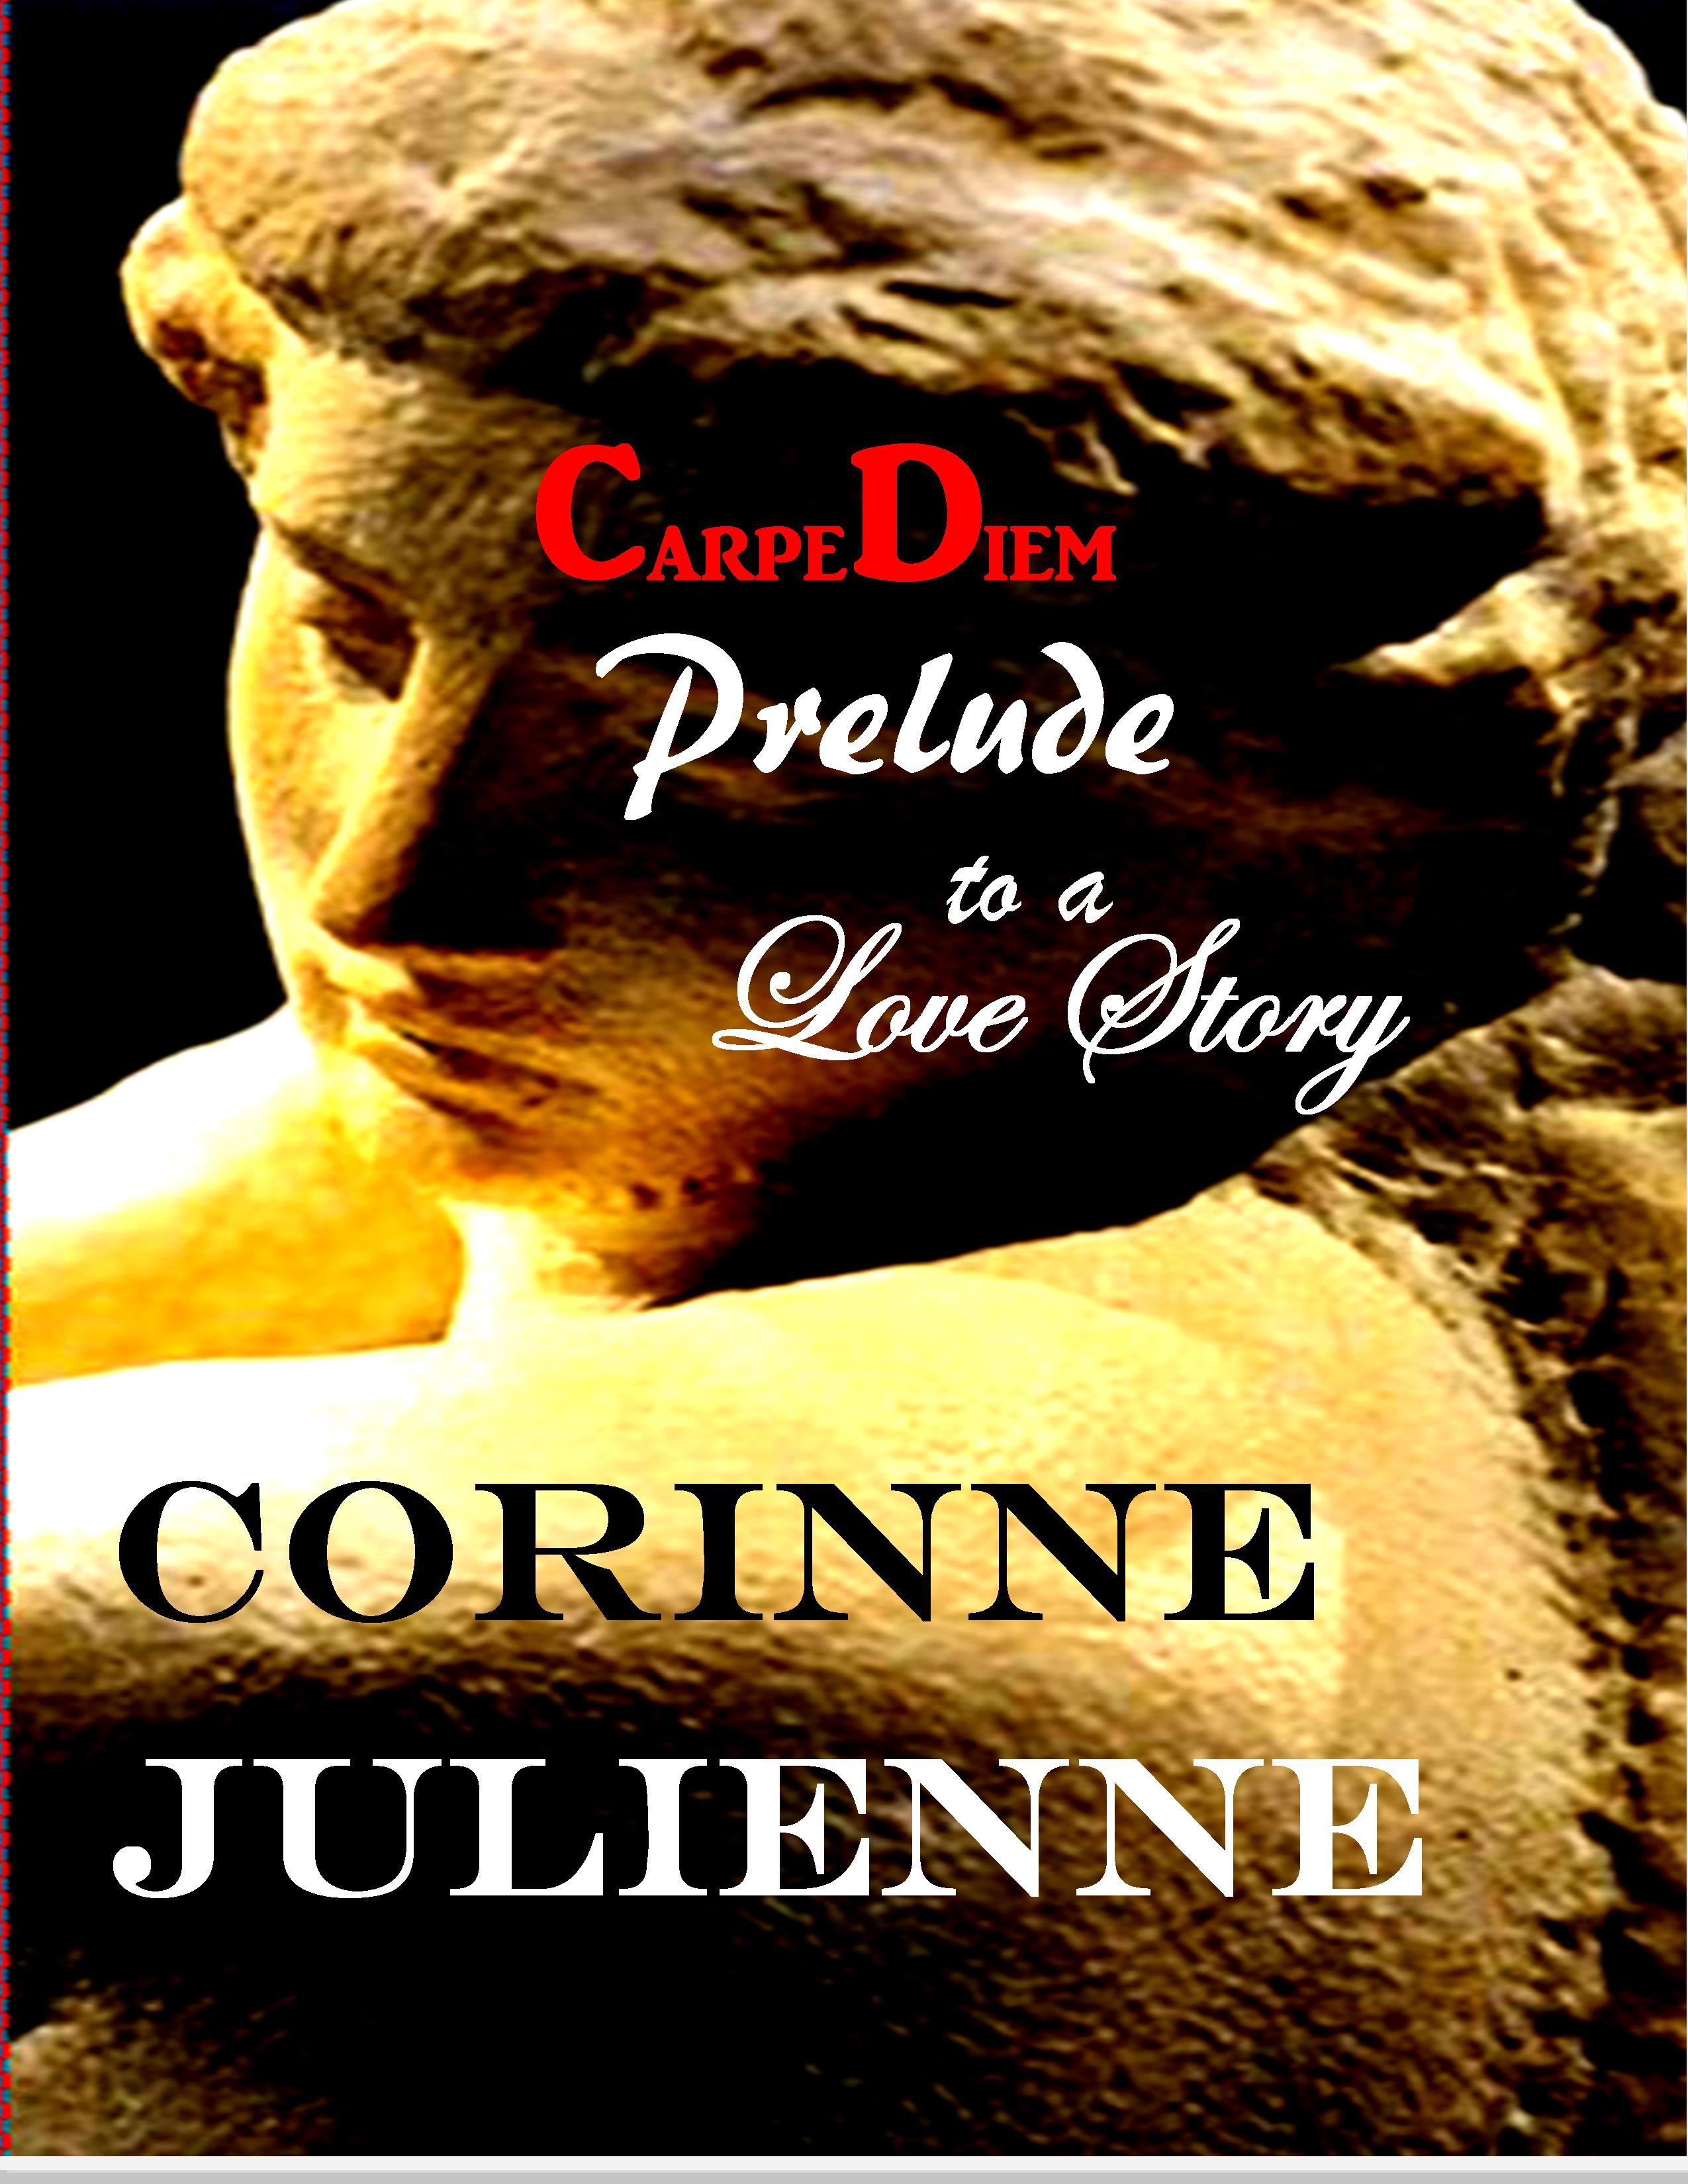 CD Prelude covr